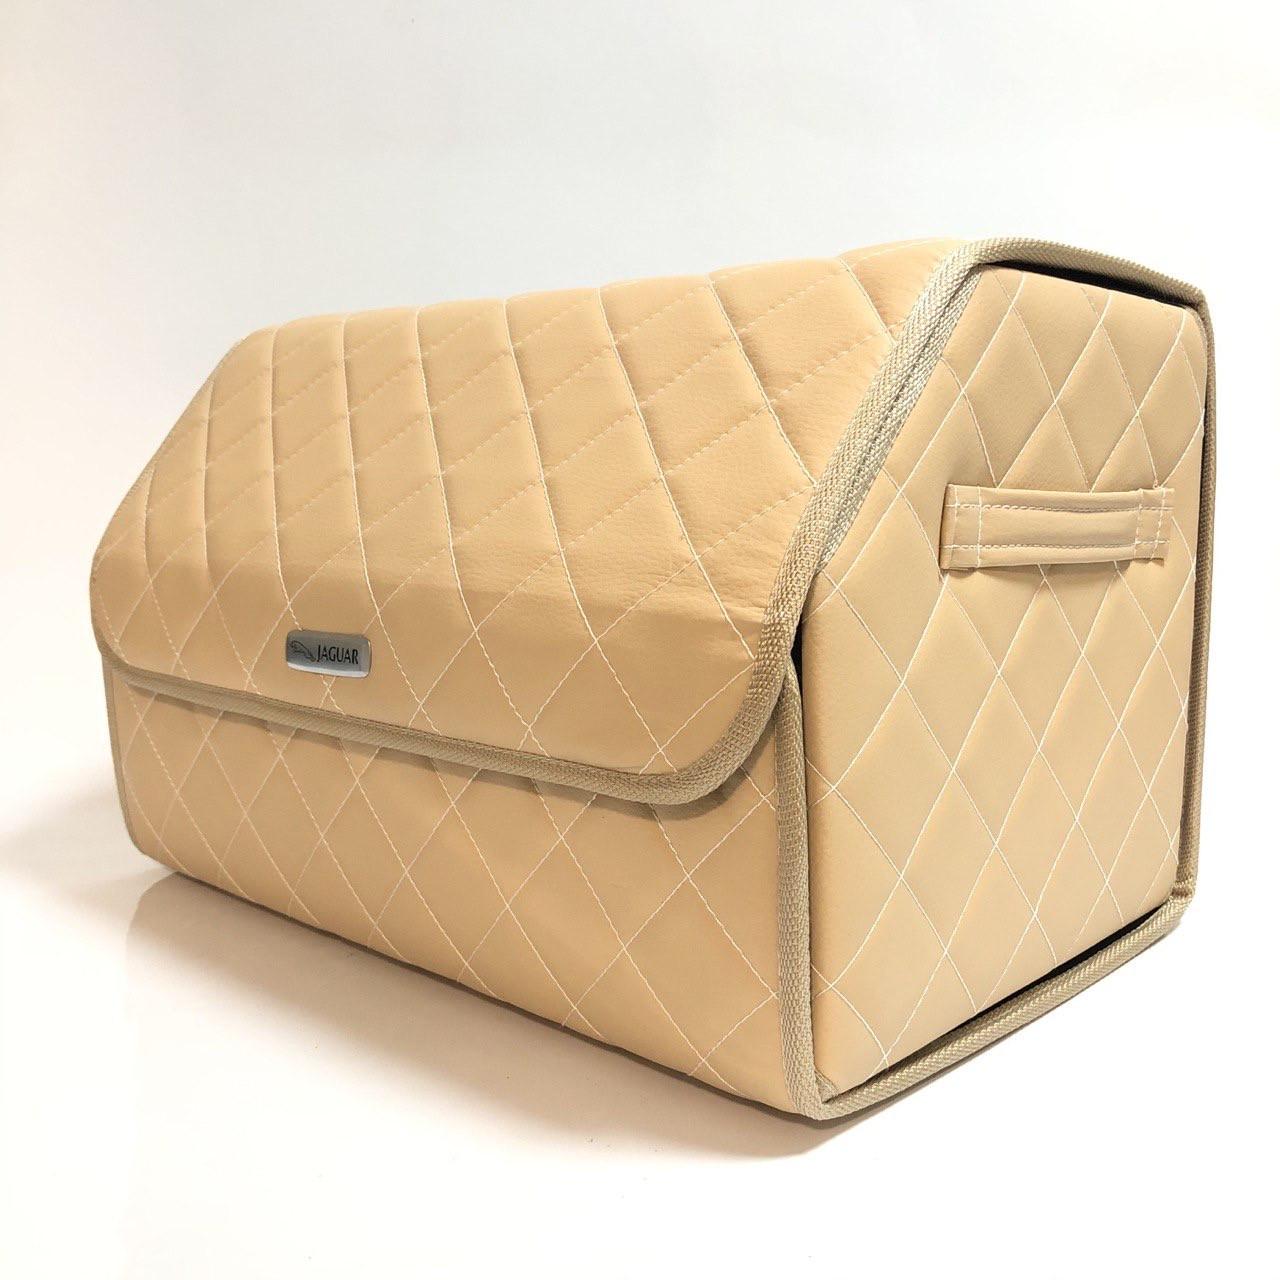 Саквояж с лого в багажник «Jaguar» I Органайзер в авто бежевый Ягуар